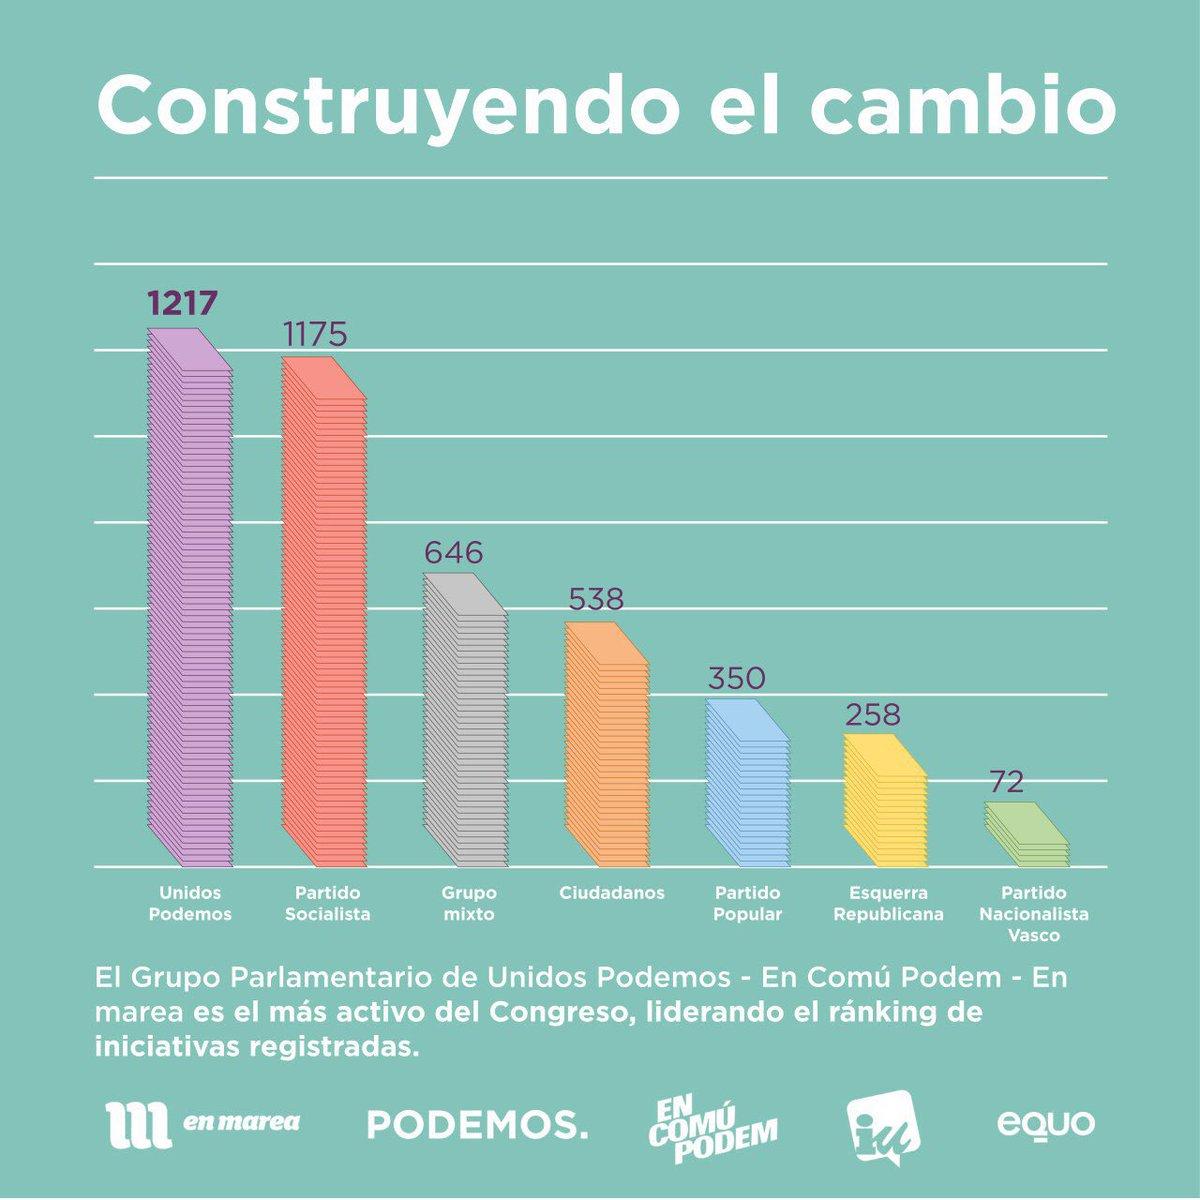 El grupo parlamentario de @ahorapodemos registra más iniciativas que ningún otro partido